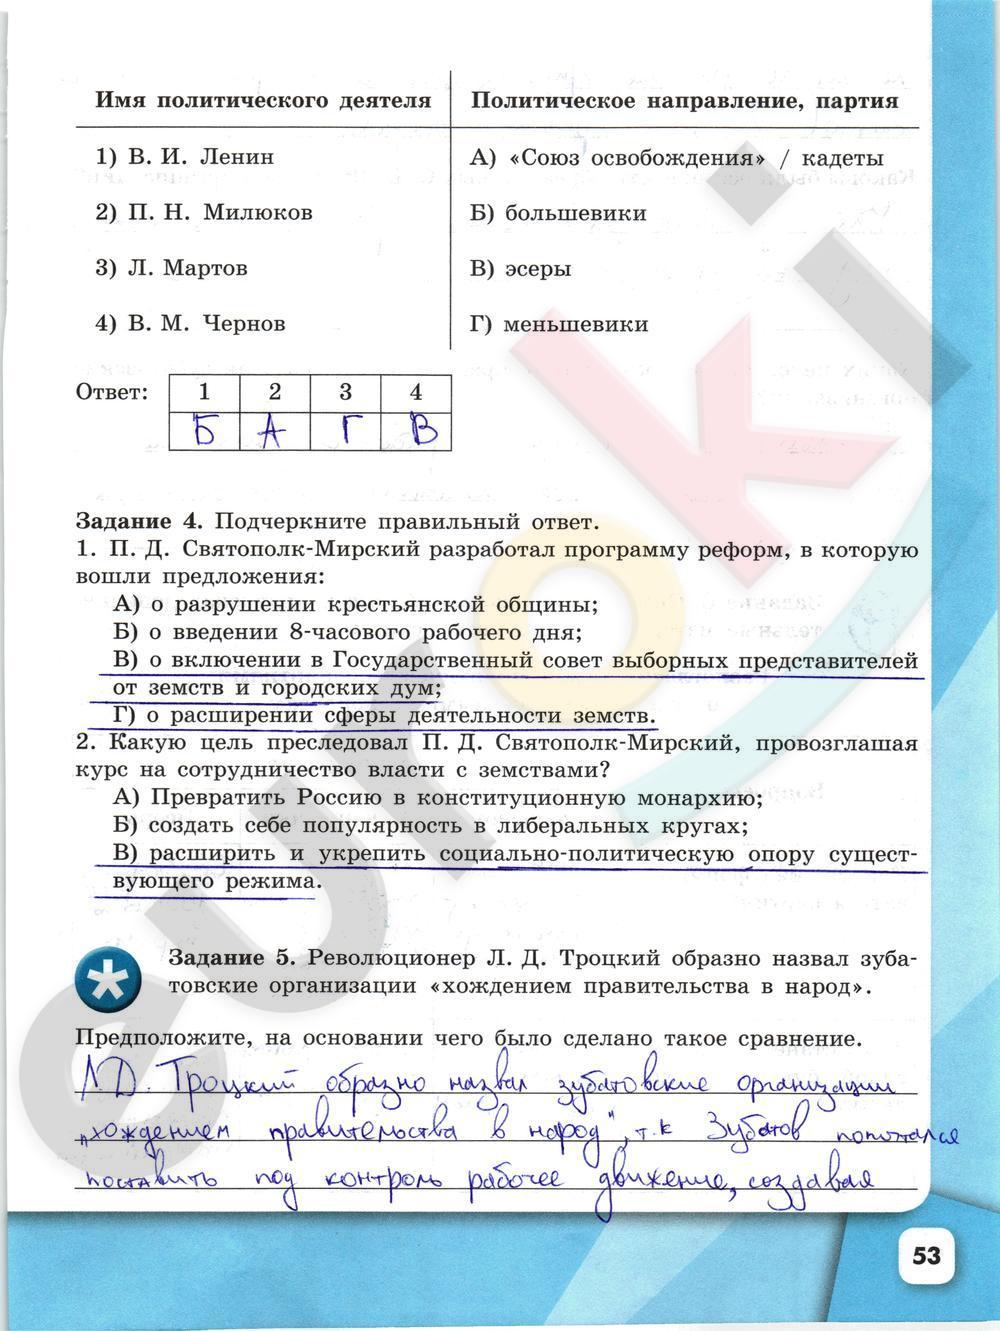 истории рабочая 9 2018 данилов за тетрадь гдз косулина класс по